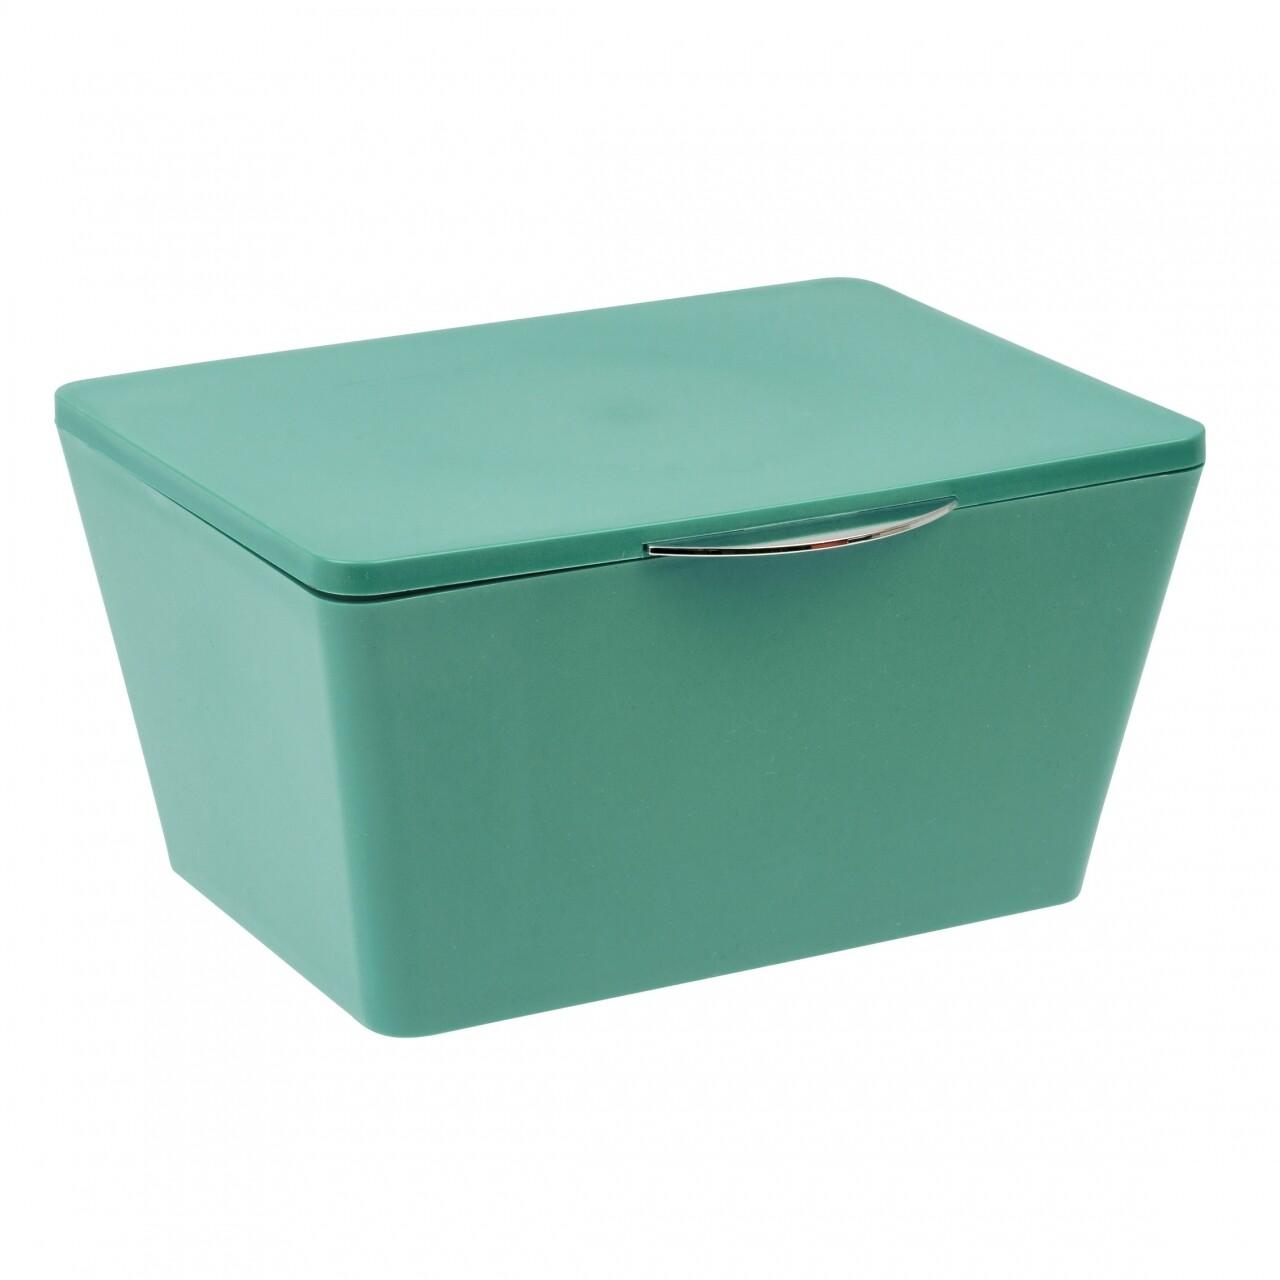 Cutie depozitare cu capac pentru baie, Wenko Brasil, green